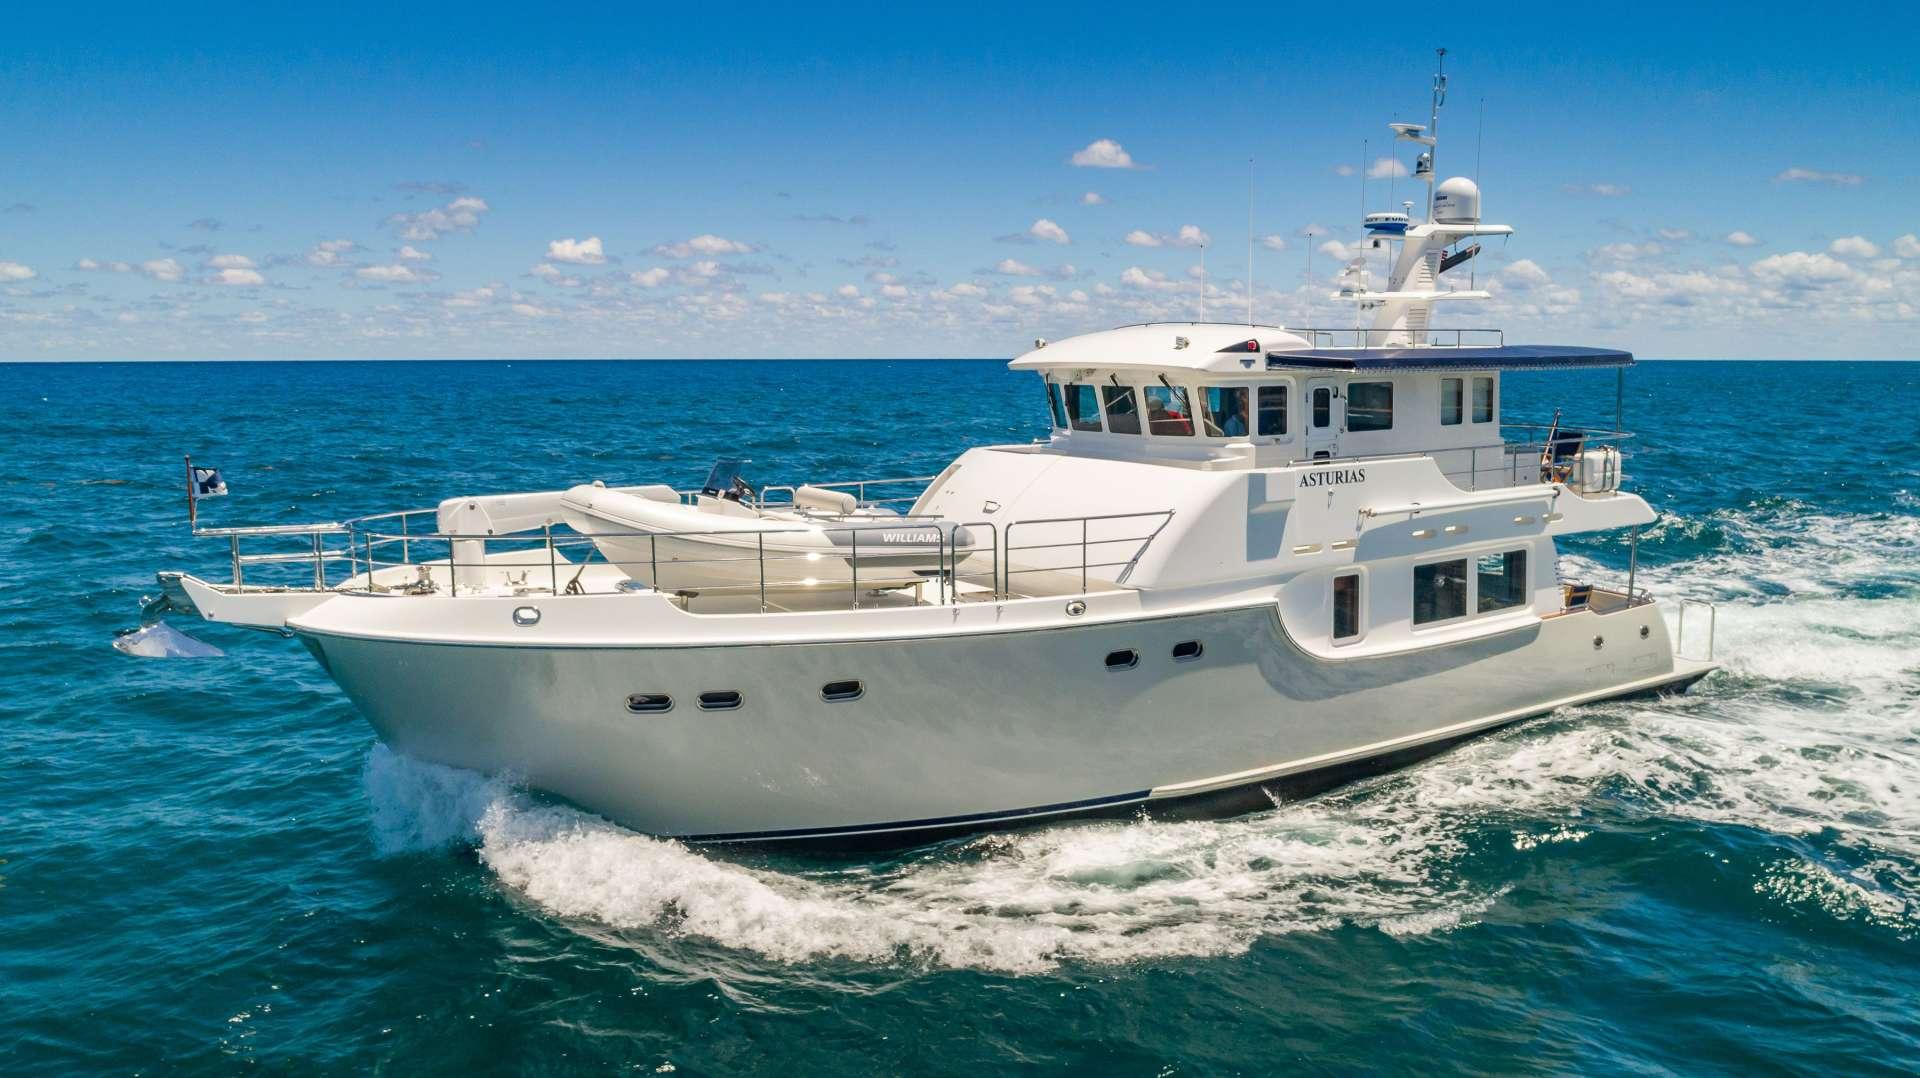 Main image of ASTURIAS yacht